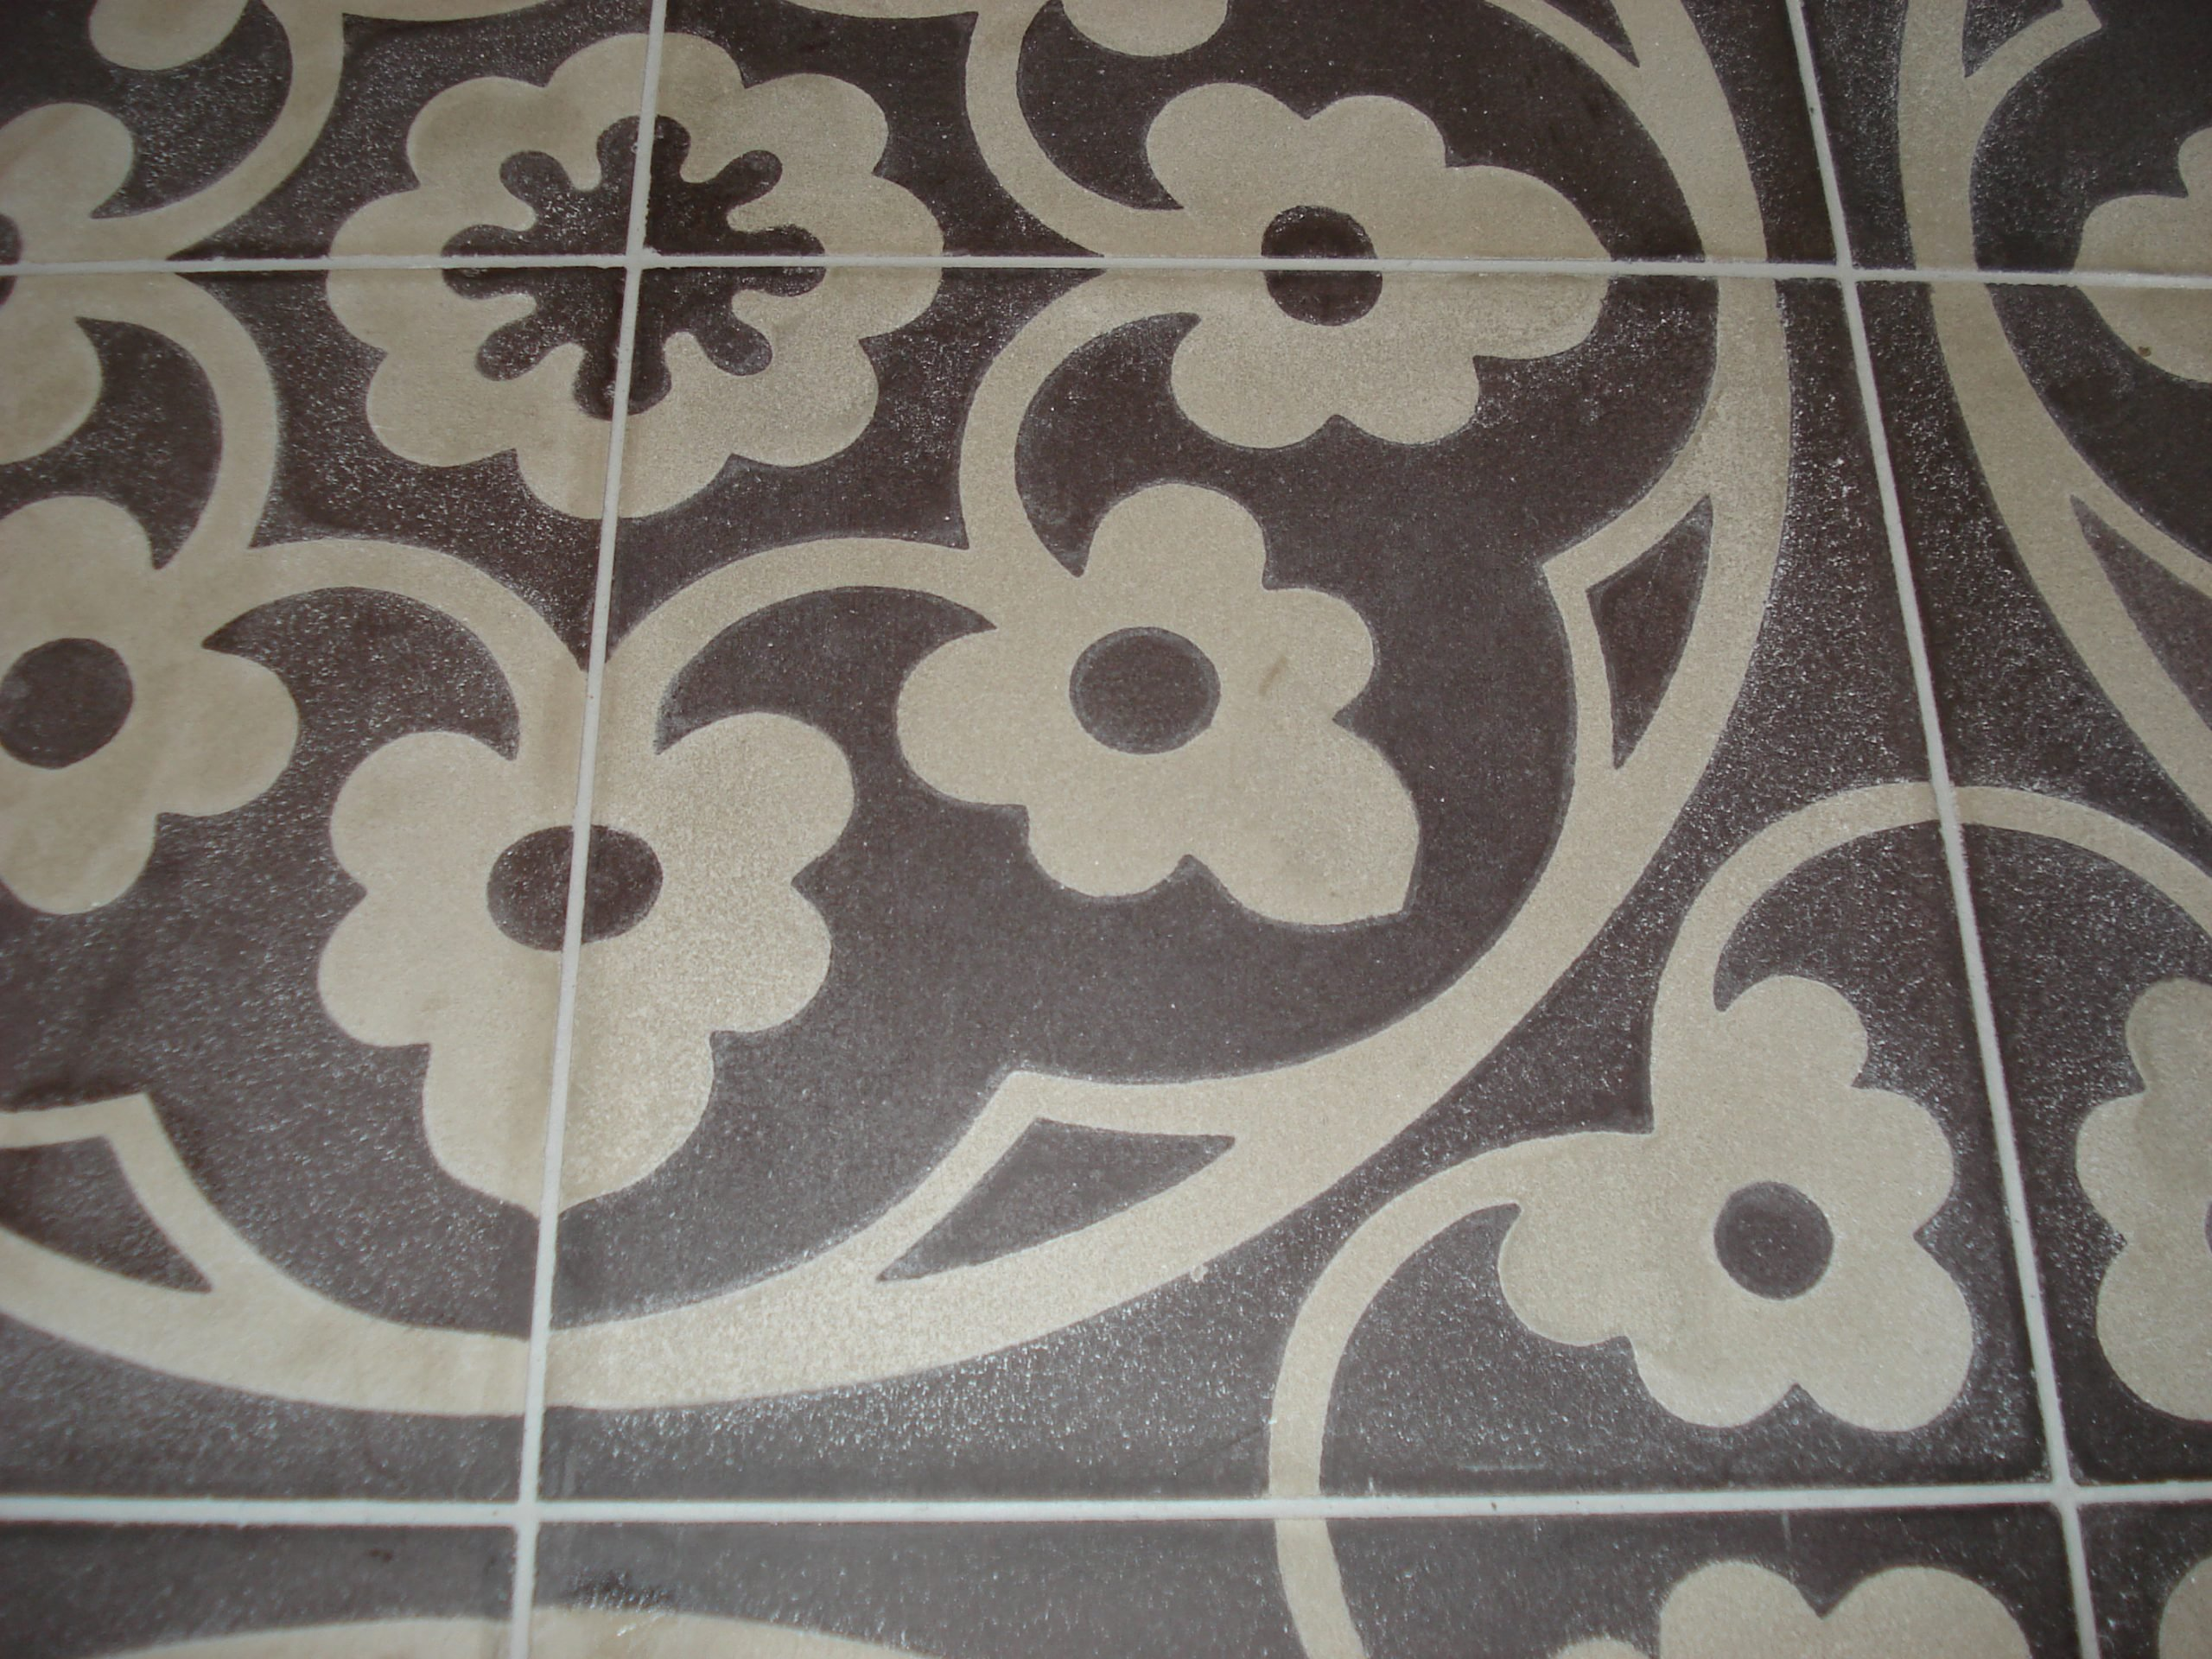 Maak de Portugese cementtegels goed schoon tijdens en na het voegen